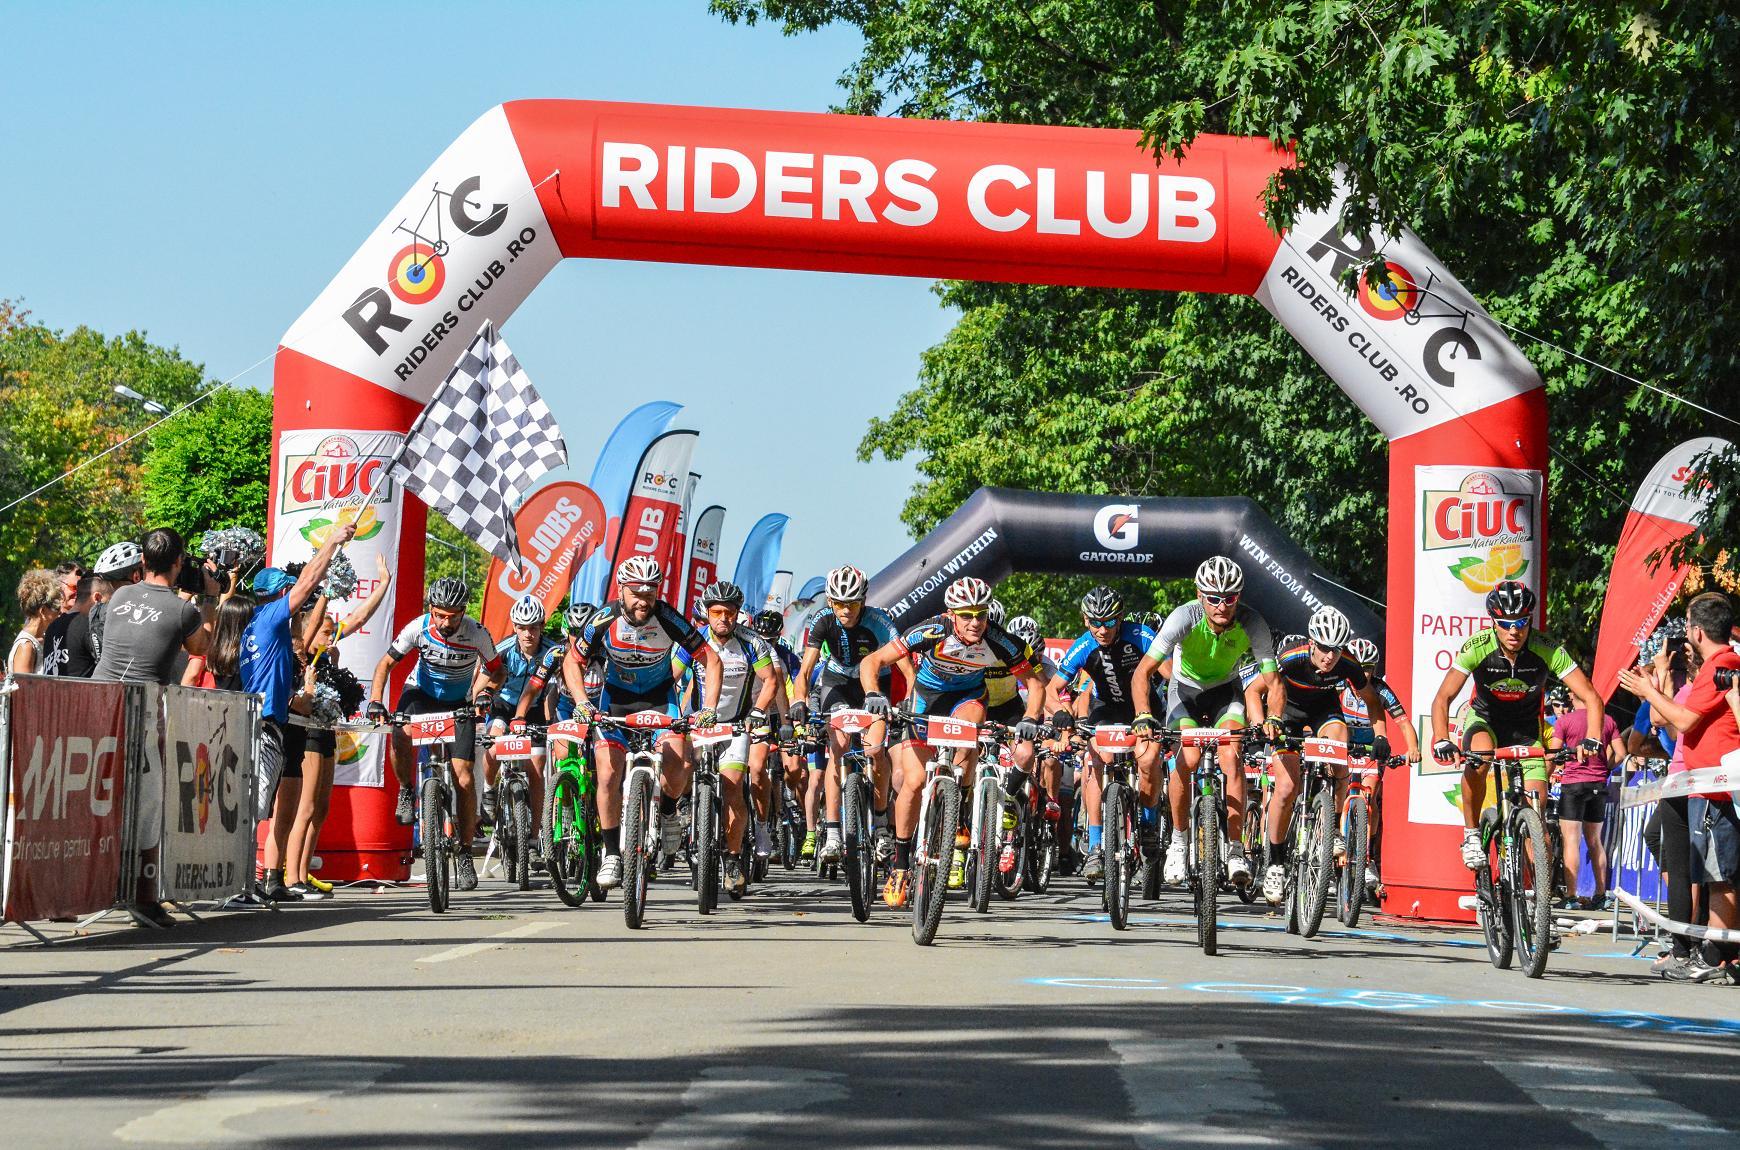 Cicliști, pregătiți-vă de 4 Pedale, singurul concurs de ștafetă marca Riders Club!